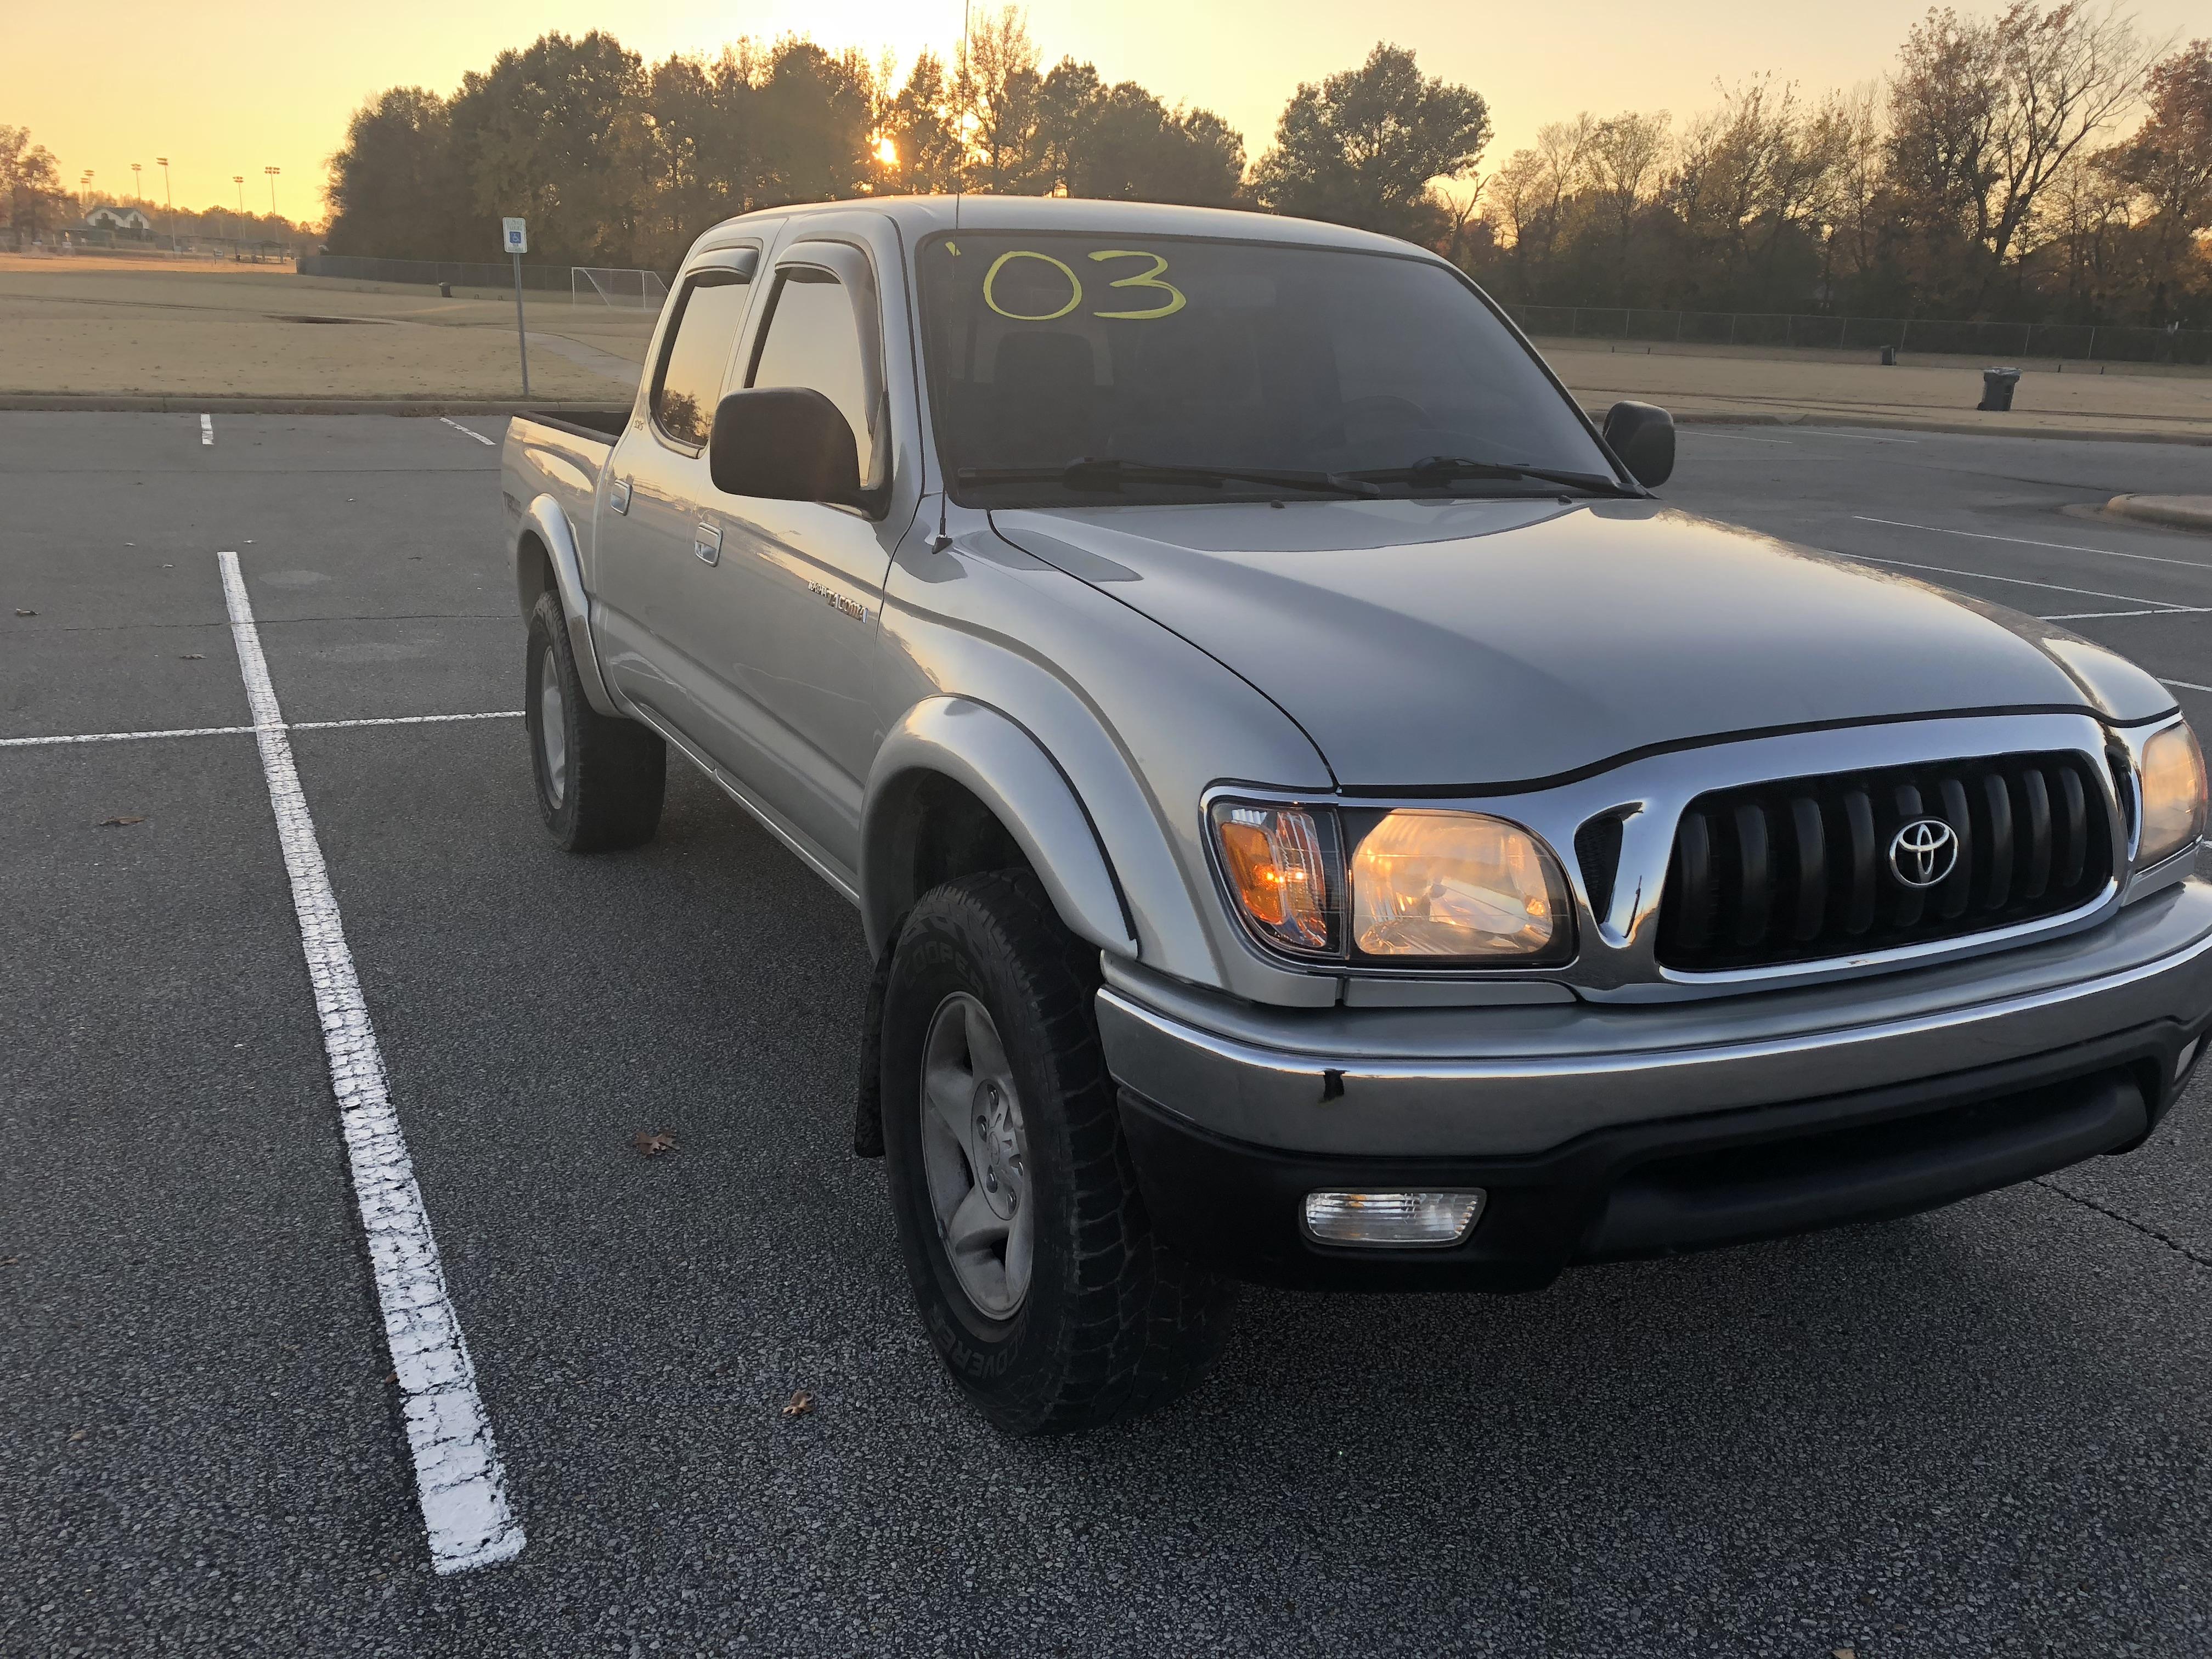 Tan 2003 Toyota Tacoma